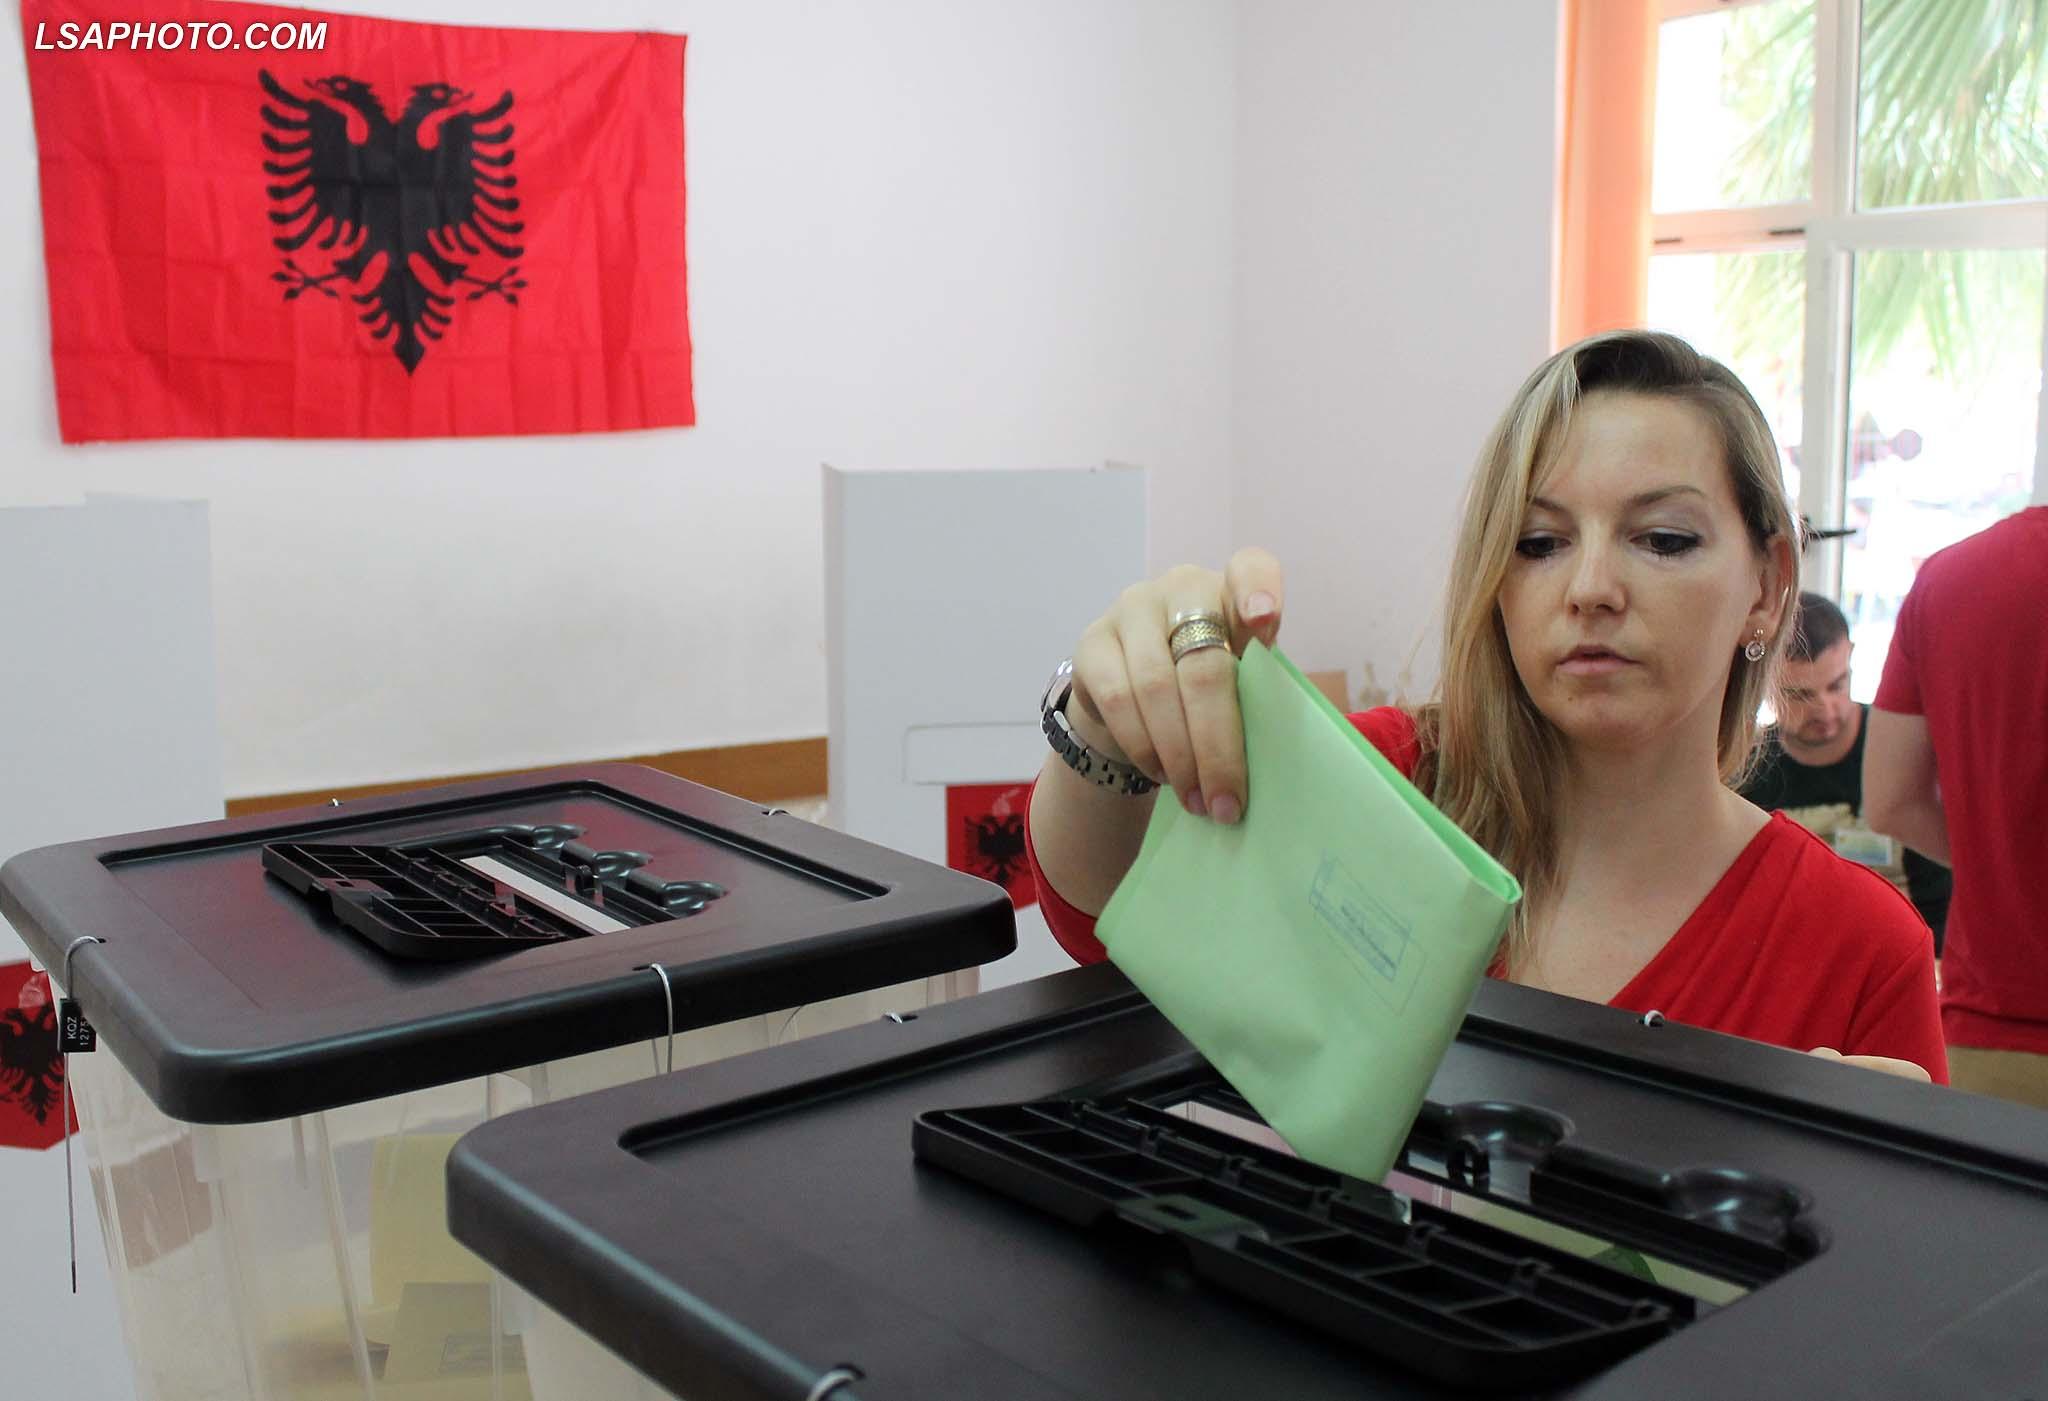 Αλβανία: Στις 25 Απριλίου όρισε τις Κοινοβουλευτικές εκλογές ο Meta